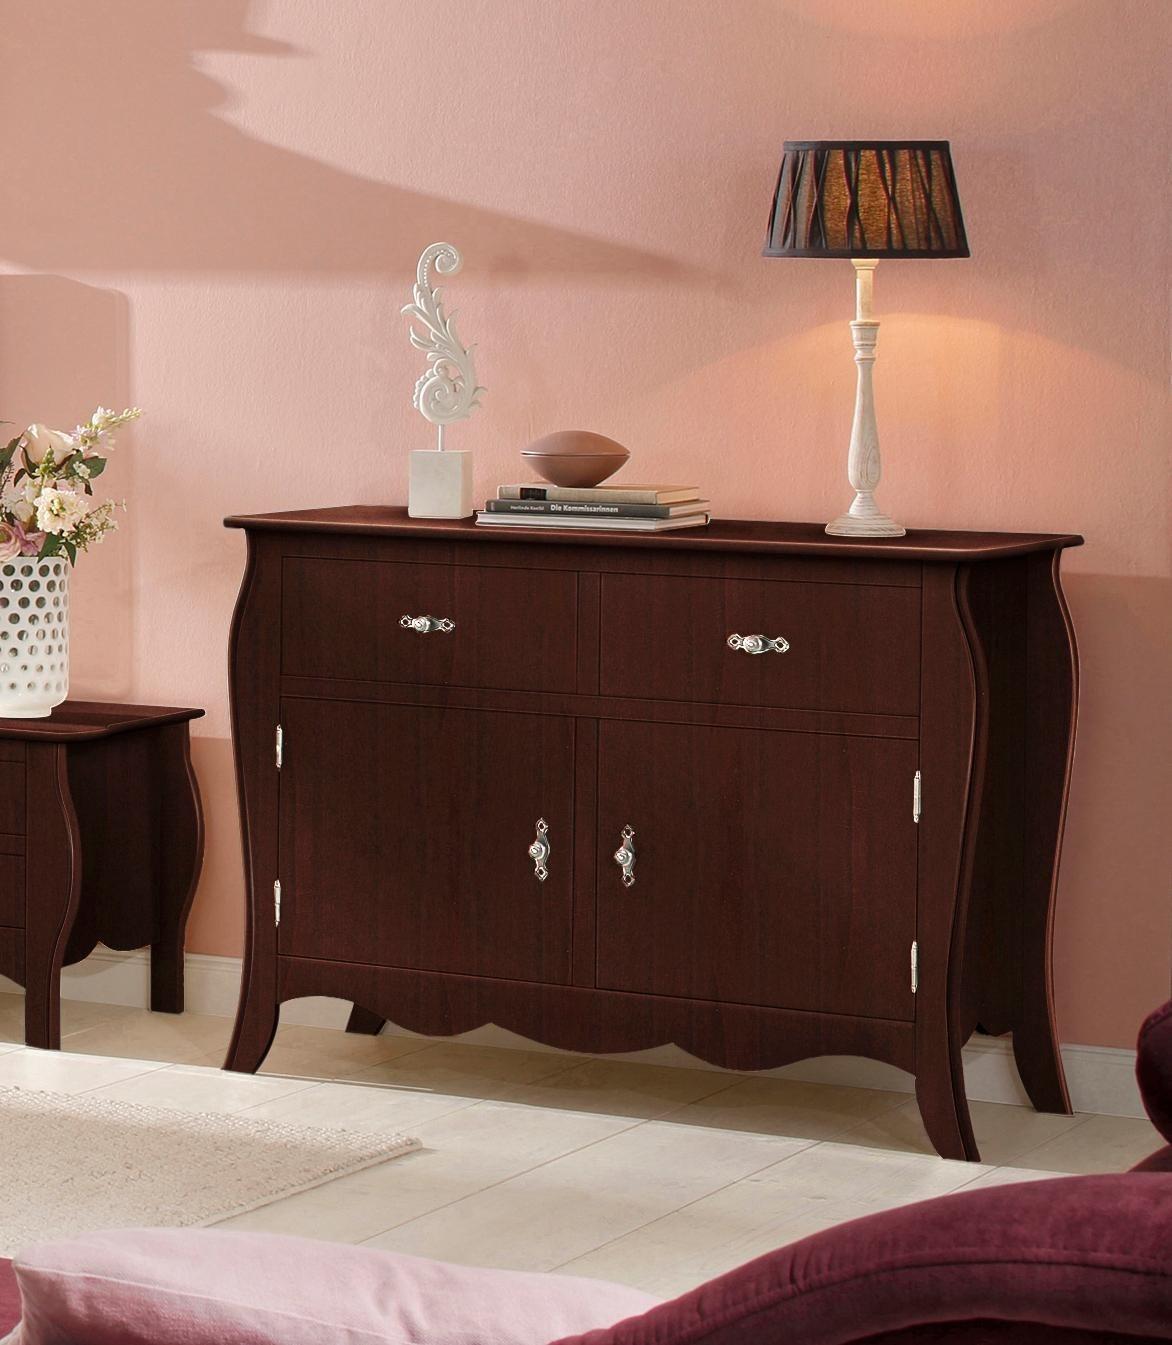 kommode h he 115 cm preisvergleich die besten angebote online kaufen. Black Bedroom Furniture Sets. Home Design Ideas